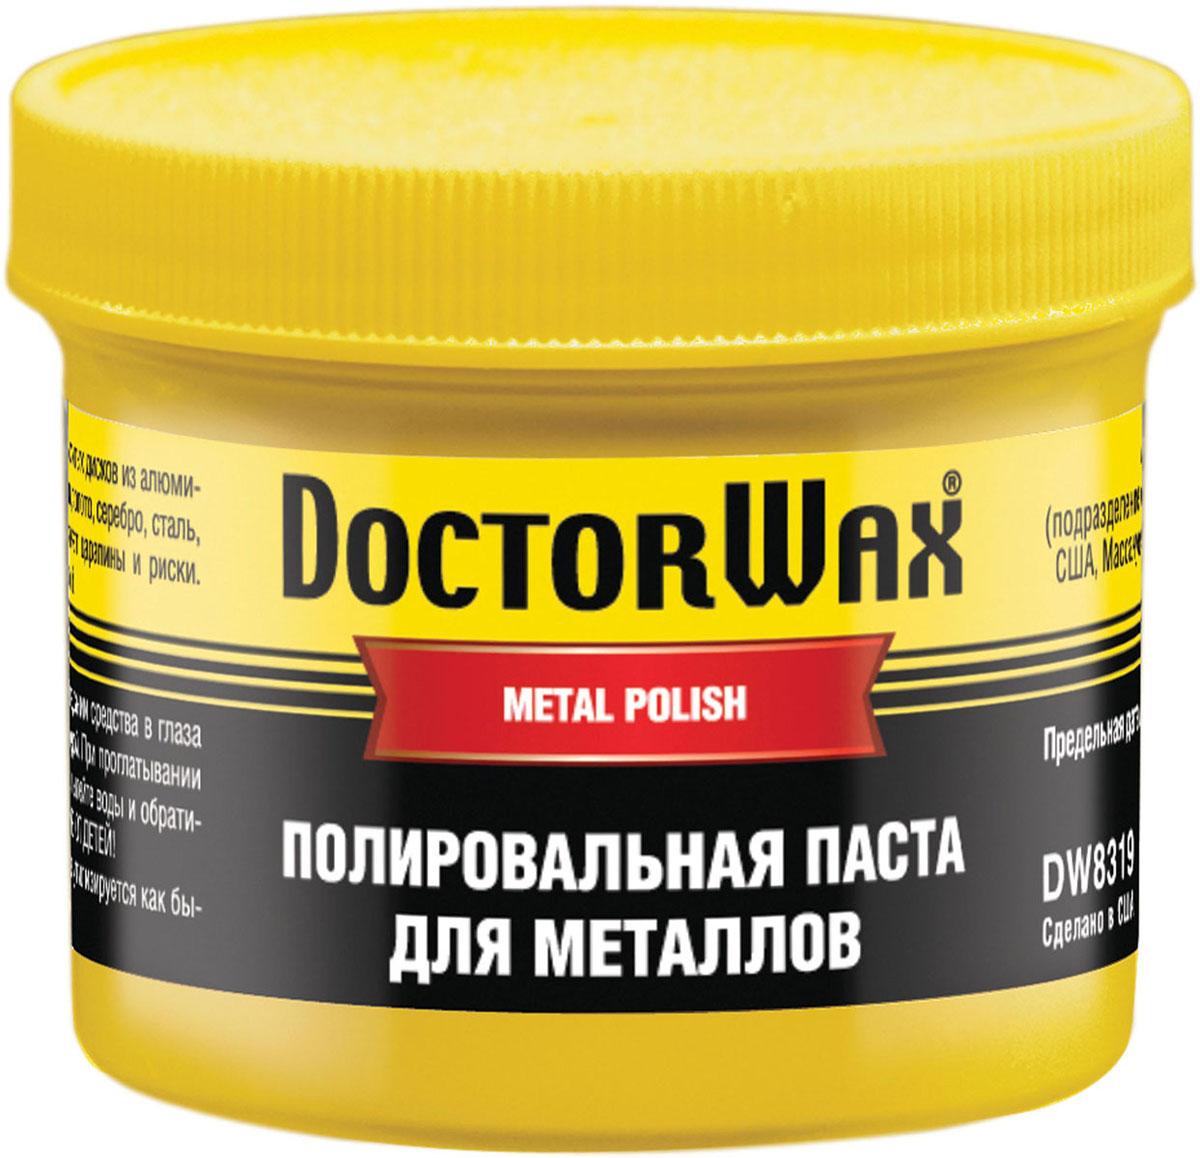 Паста для металлов Doctor Wax. DW 8319DW 8319Паста идеально подходит для полированных литых дисков из алюминиевых и магниевых сплавов. Очищает и полирует бронзу, алюминий, золото, серебро, сталь, хром. Эффективно удаляет окислы, ржавчину, загрязнения, устраняет царапины и риски. Не содержит грубых абразивов и агрессивных химических очистителей. Может использоваться для полировки фар и указателей поворотов из прозрачного пластика